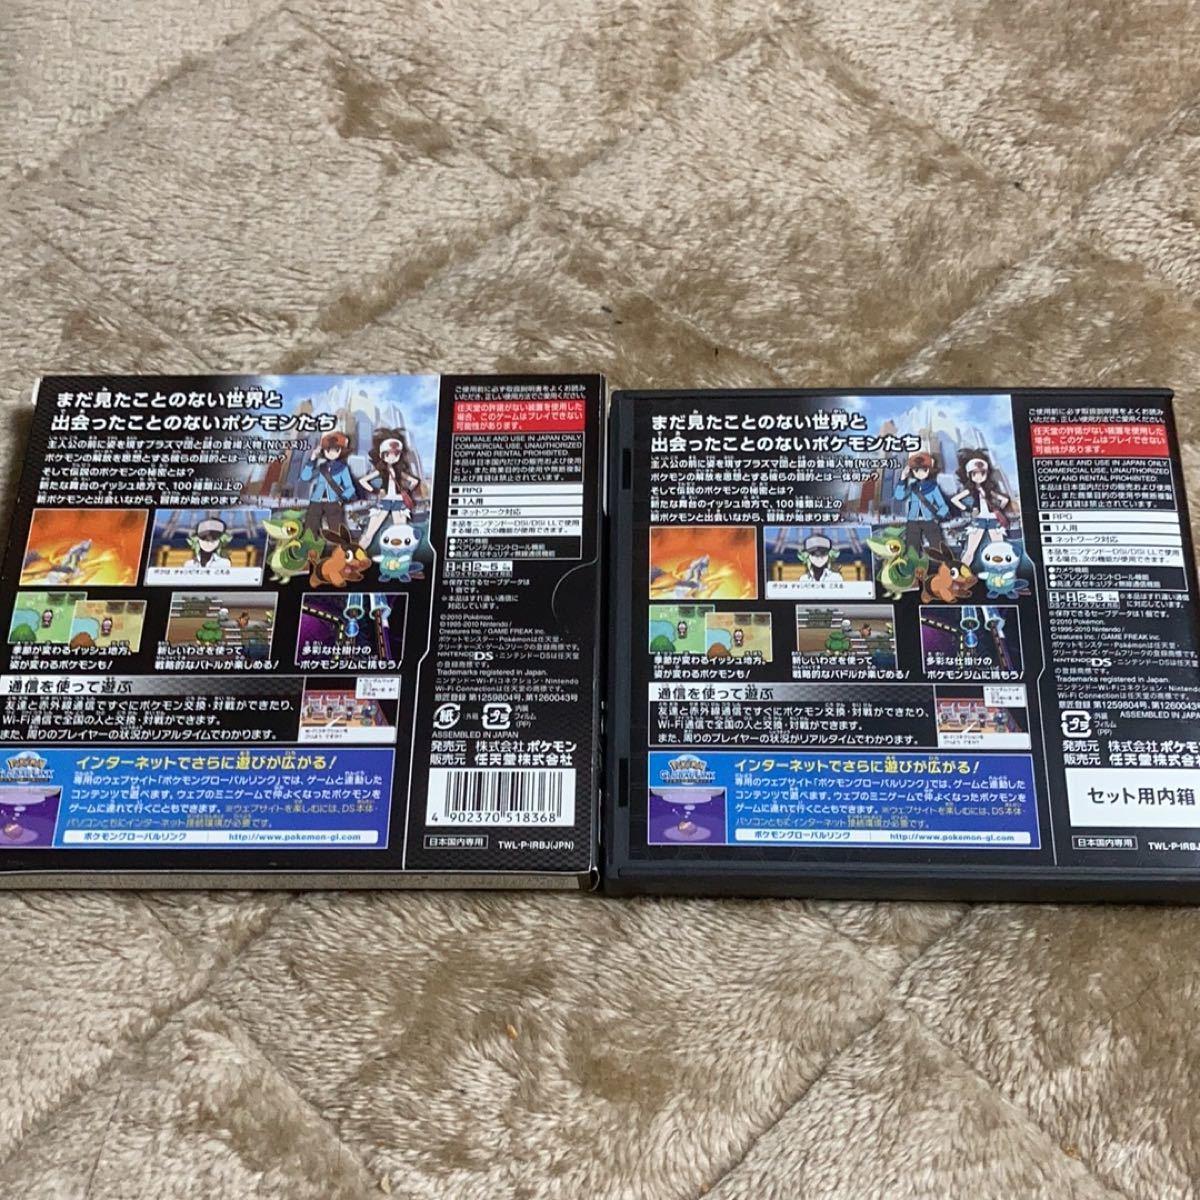 【DS】 ポケットモンスターブラック ポケモン